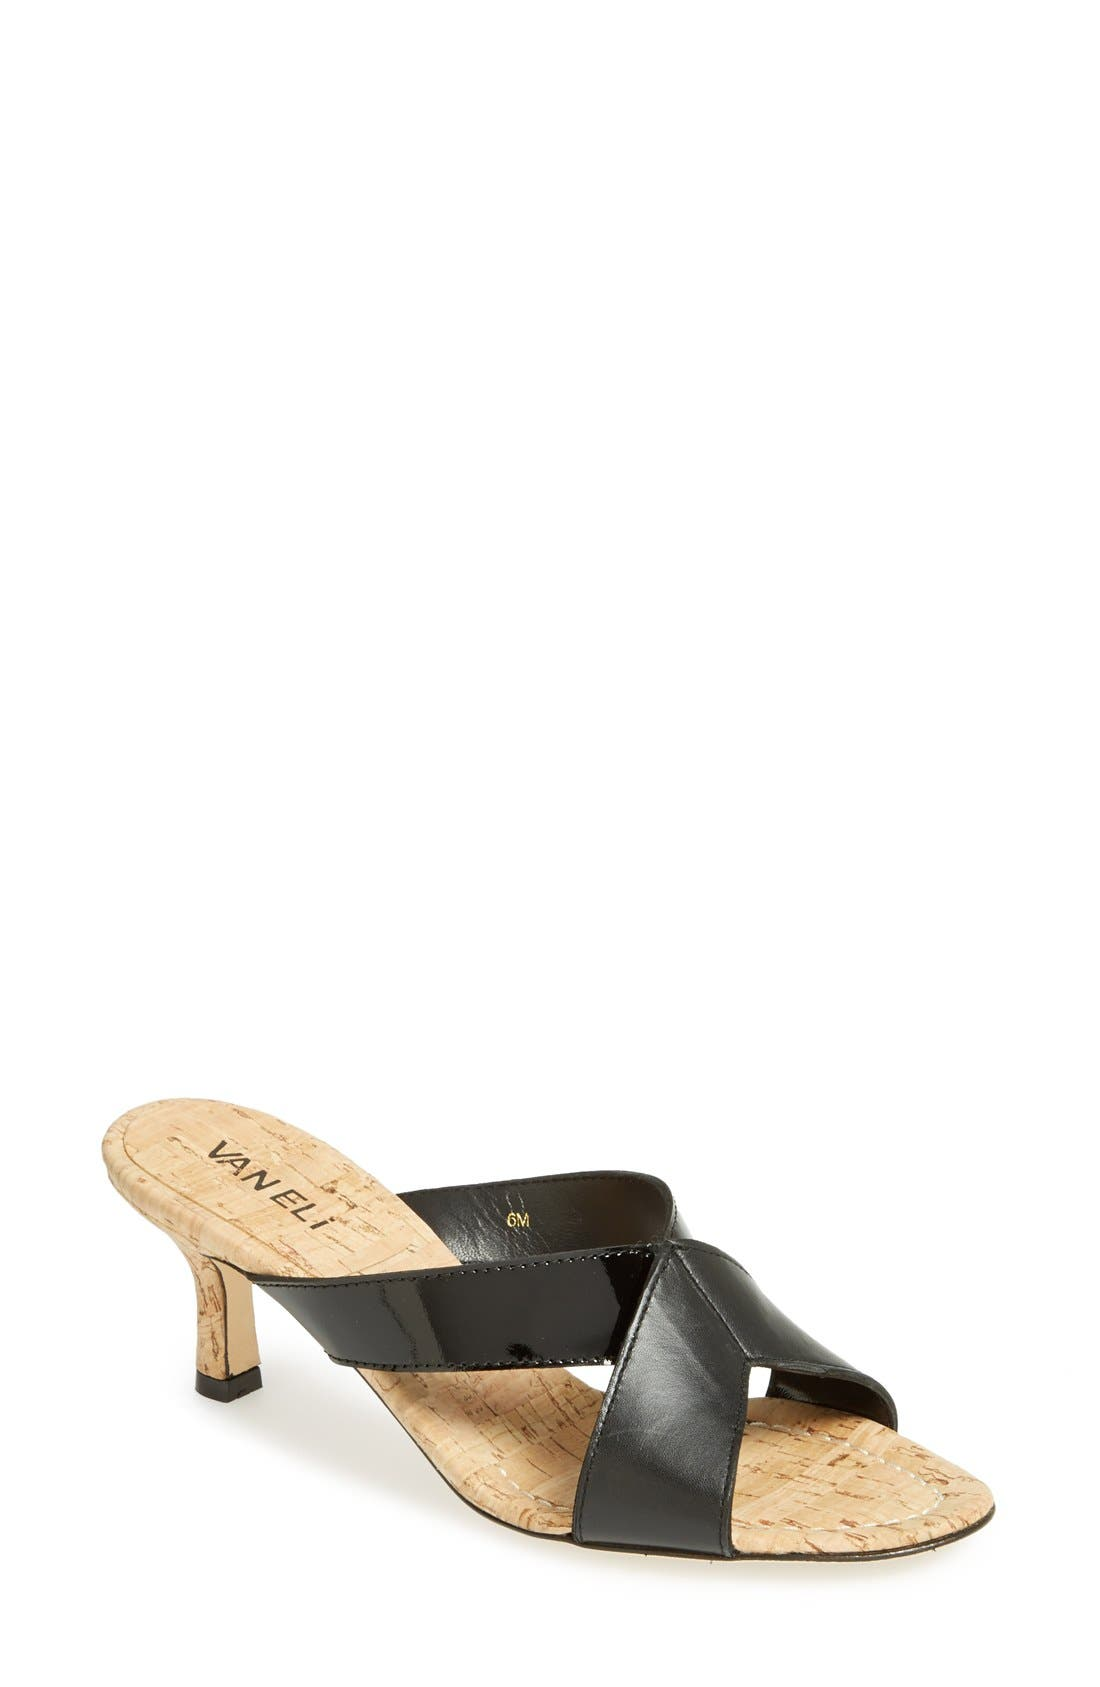 Alternate Image 1 Selected - VANELi 'Millie' Sandal